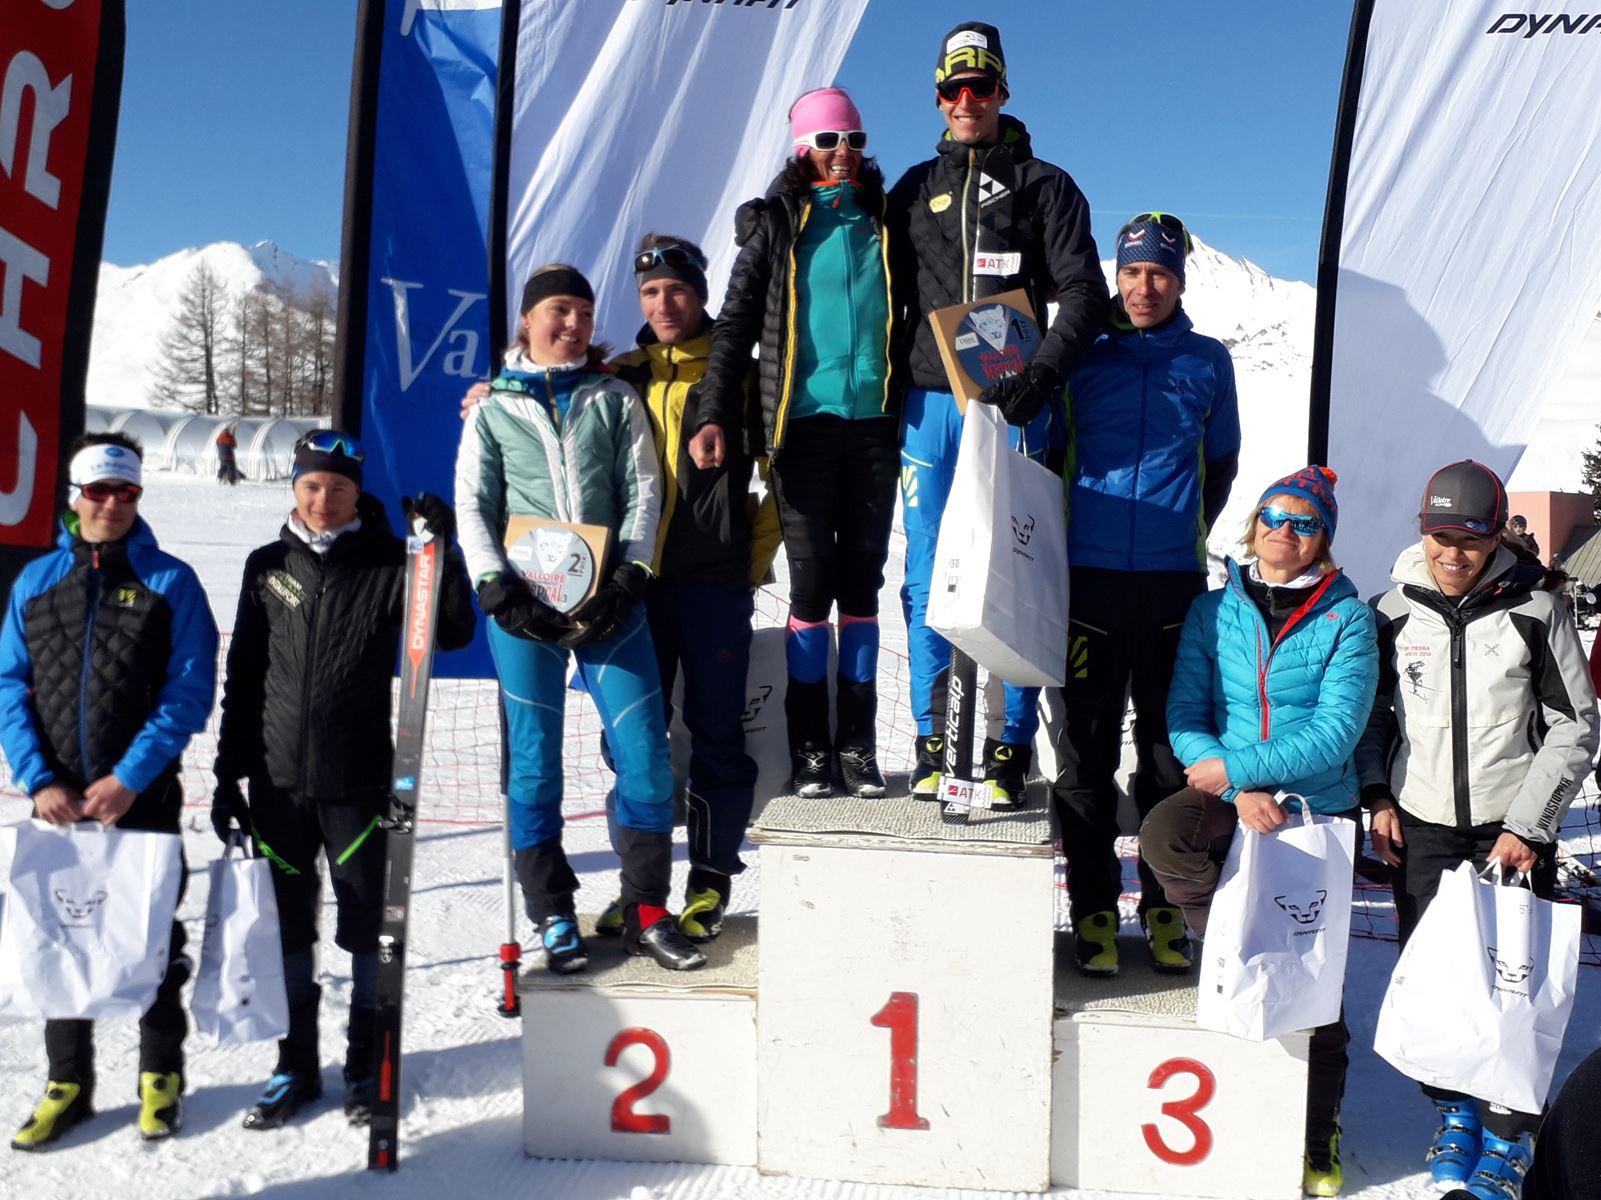 podium général Valloire Dynafit Vertical - Résultats de la 3ème édition du Valloire Dynafit Vertical (ski alpi) 04/01/2020